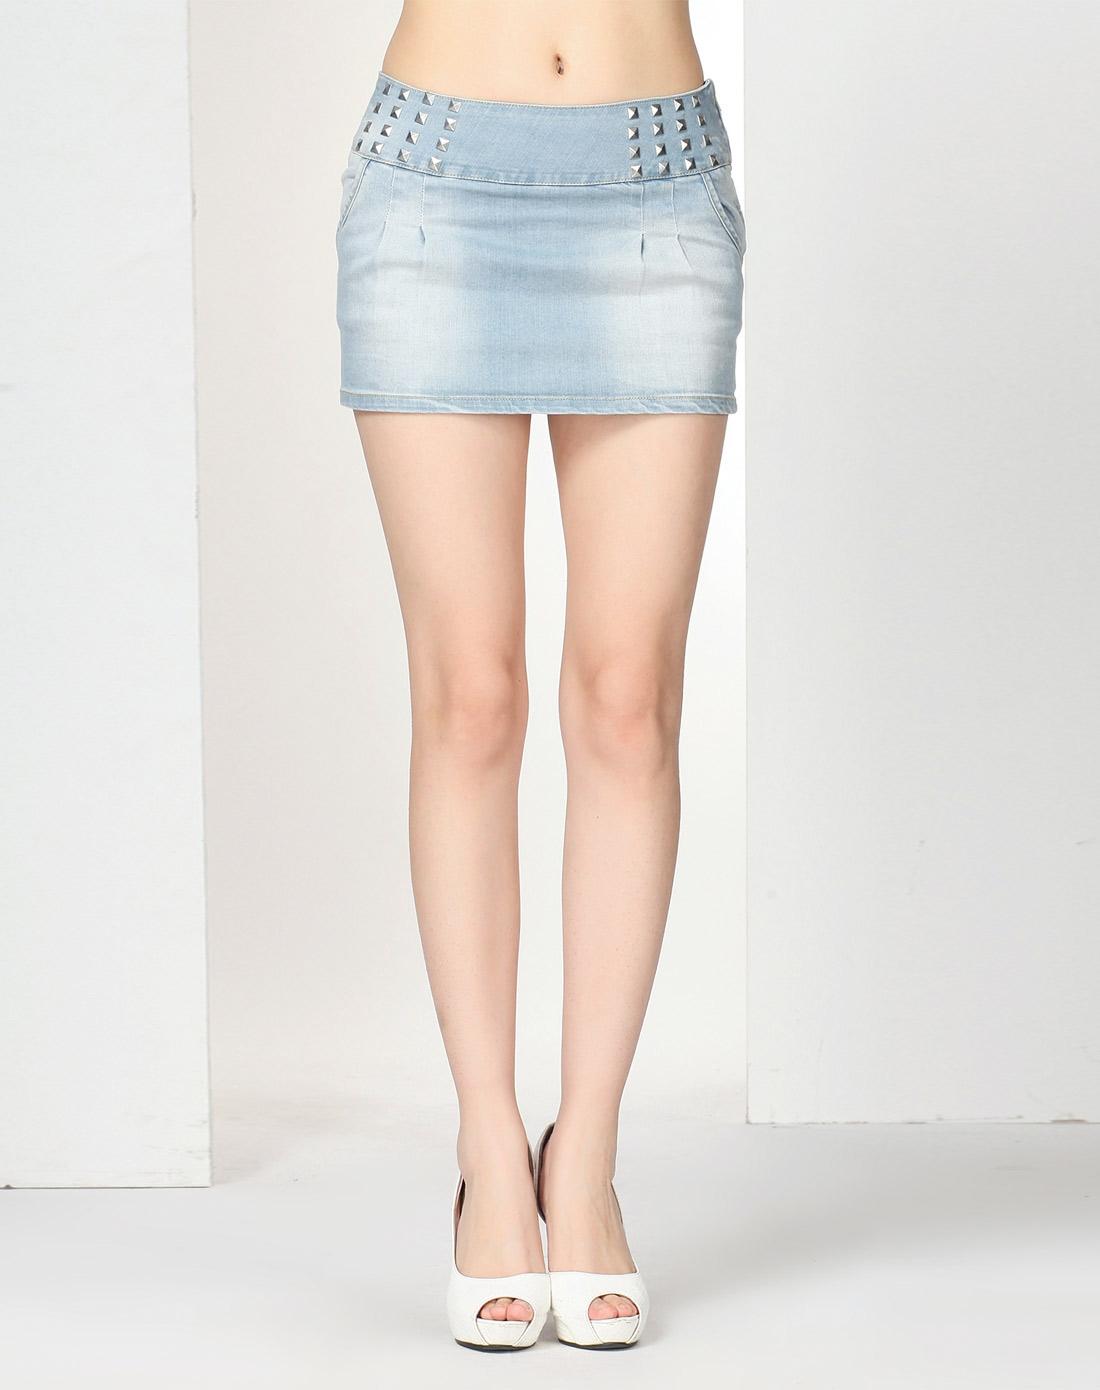 女短裤效果手绘设计图